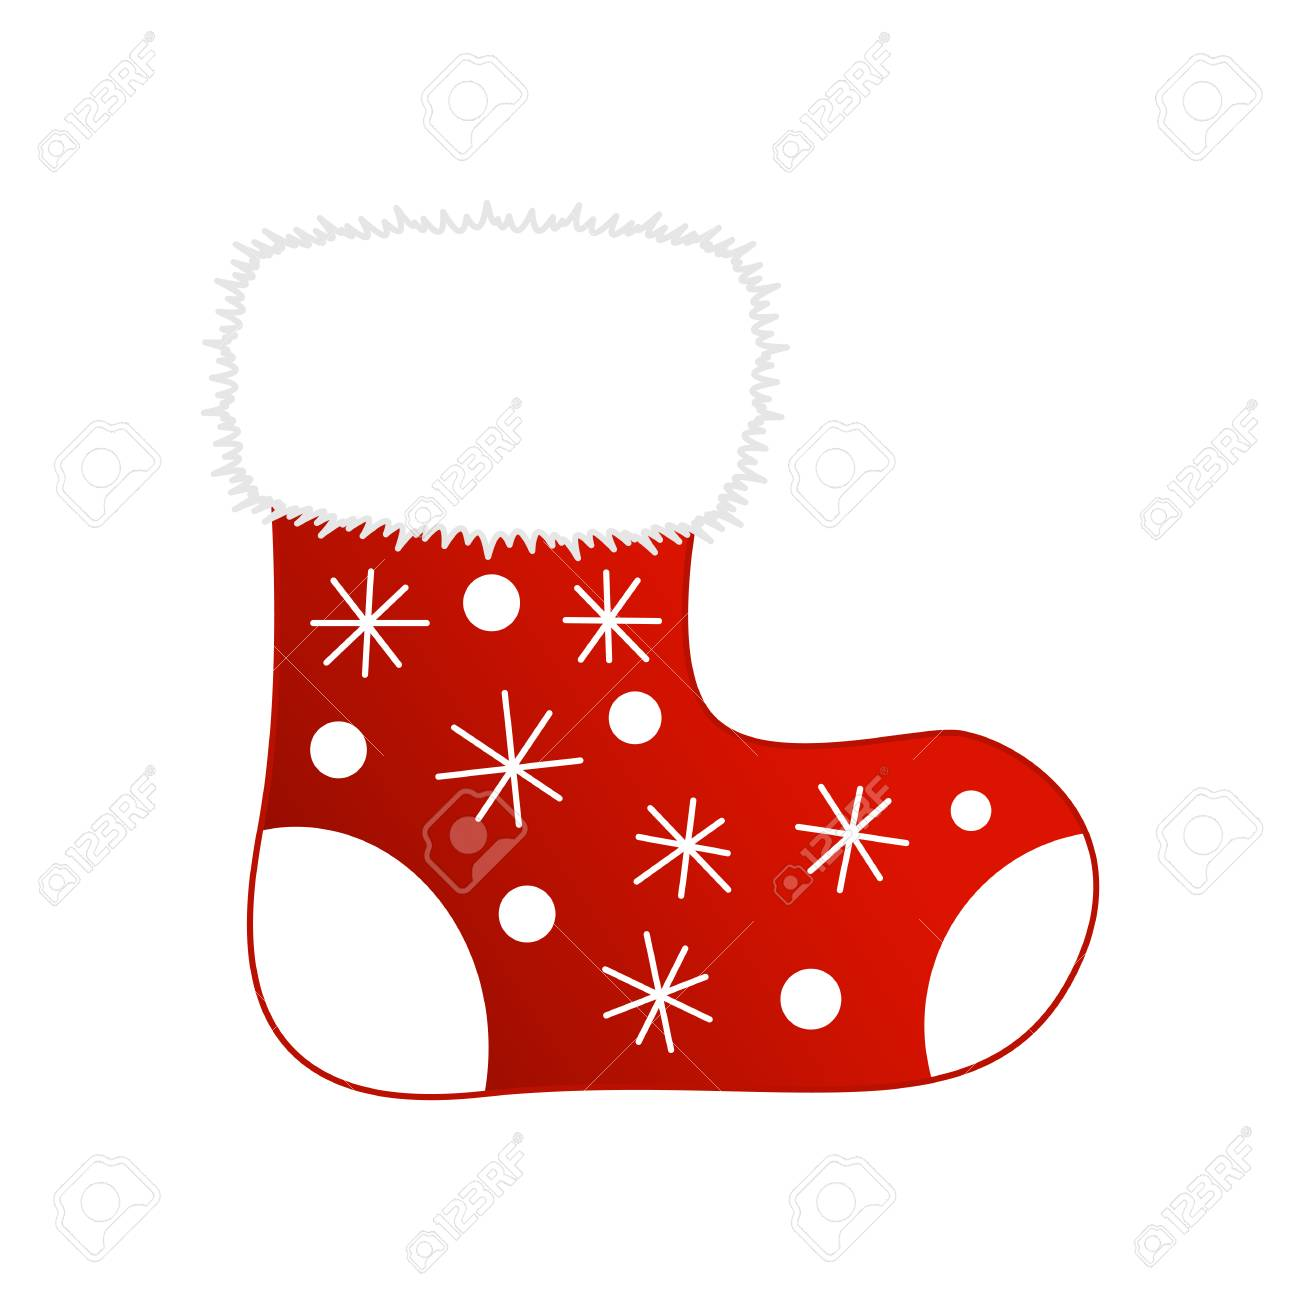 Vektor-Illustration Von Glänzenden Roten Weihnachts-Strumpf Mit ...